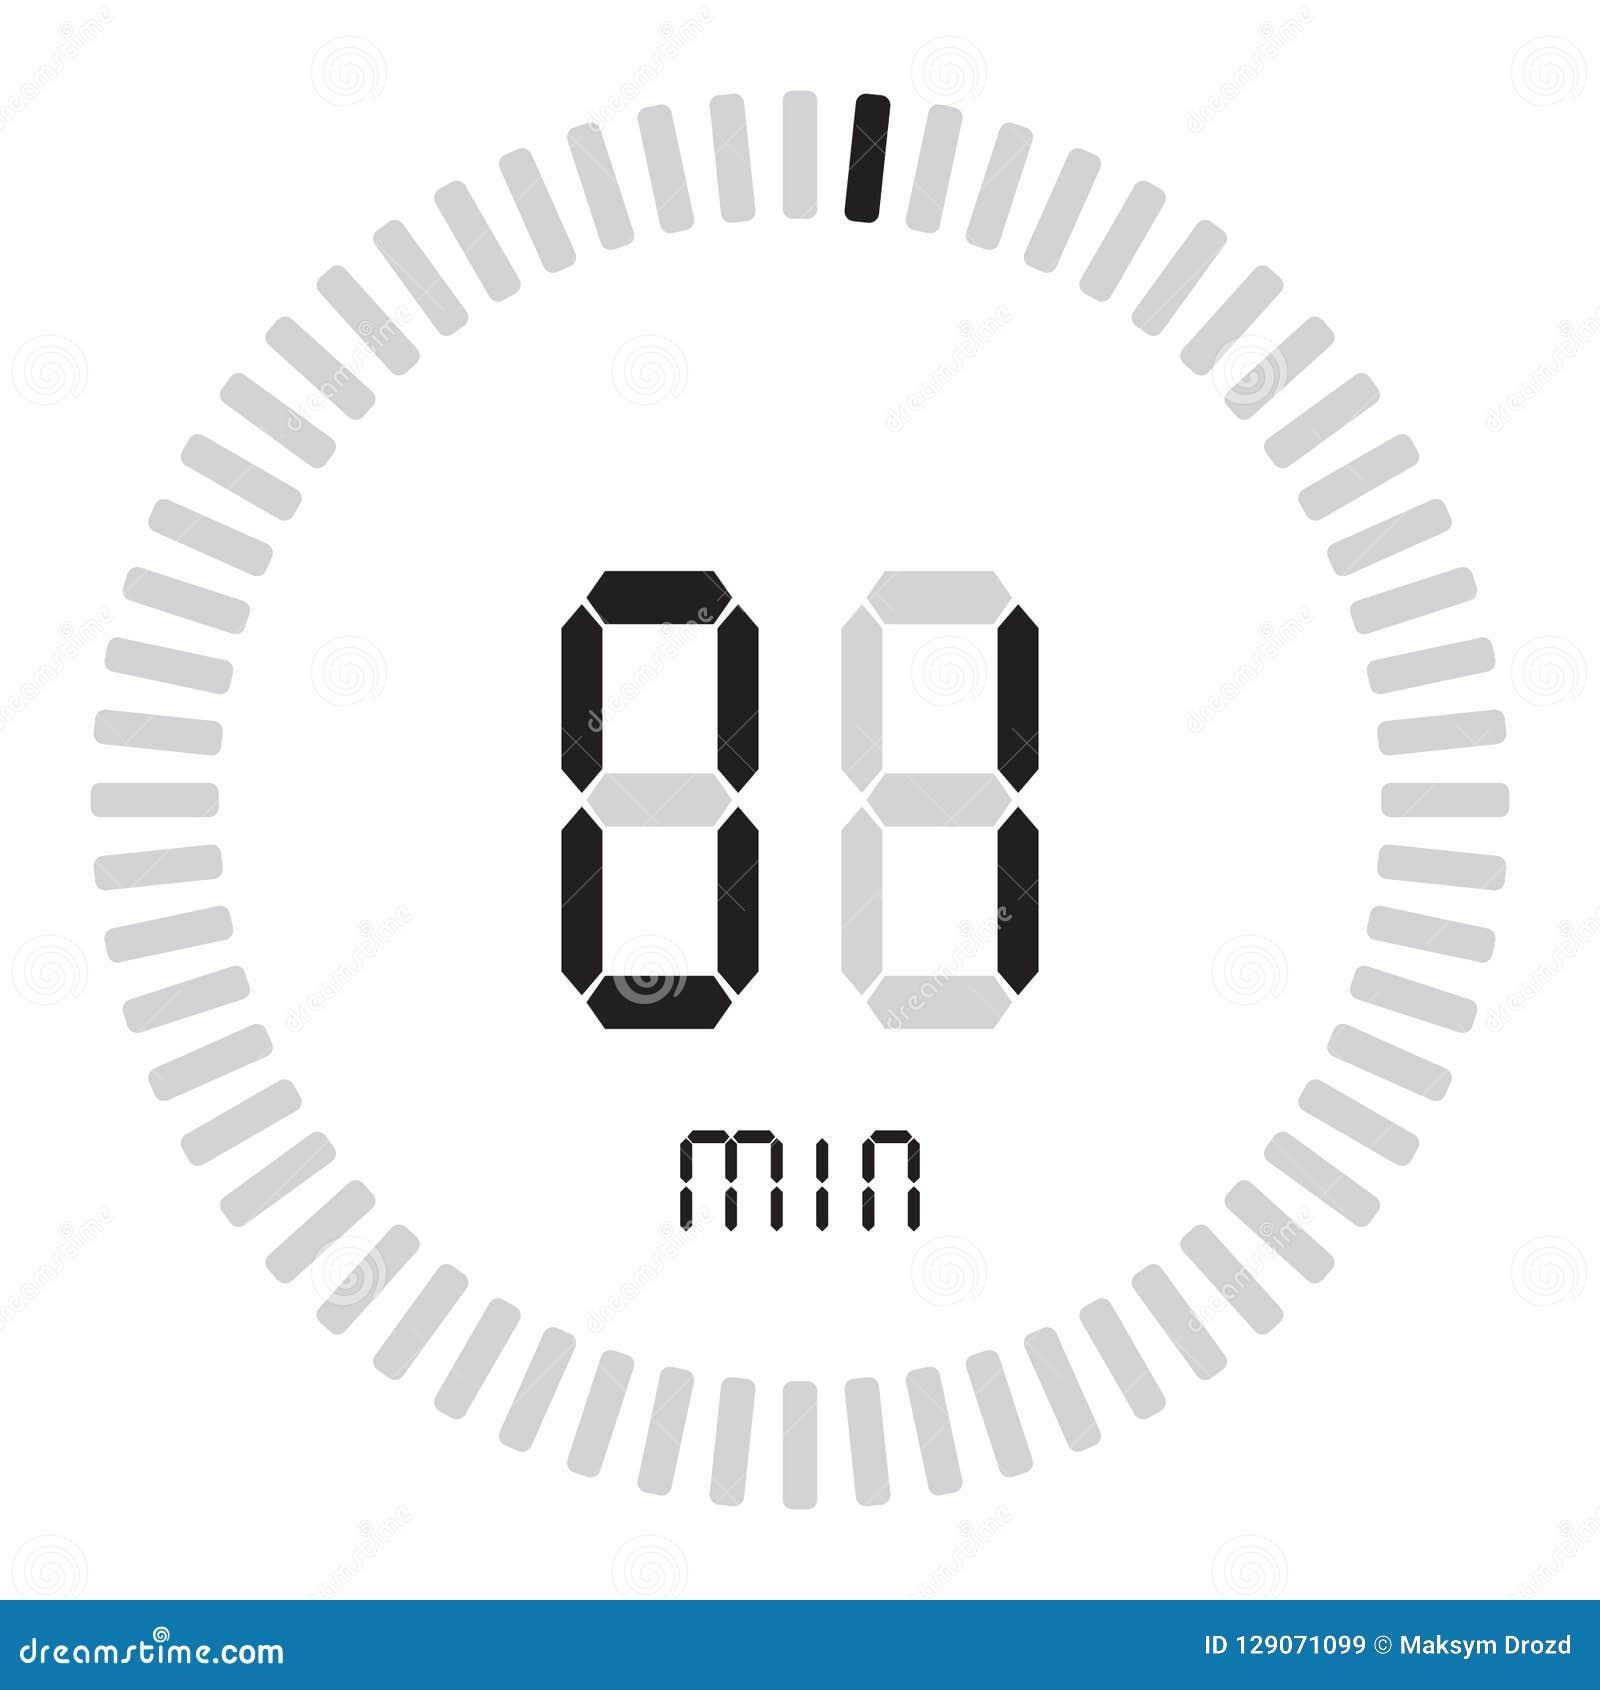 Цифровой таймер 1 минута электронный секундомер при шкала градиента начиная значок вектора, часы и вахту, таймер, комплекс предпу